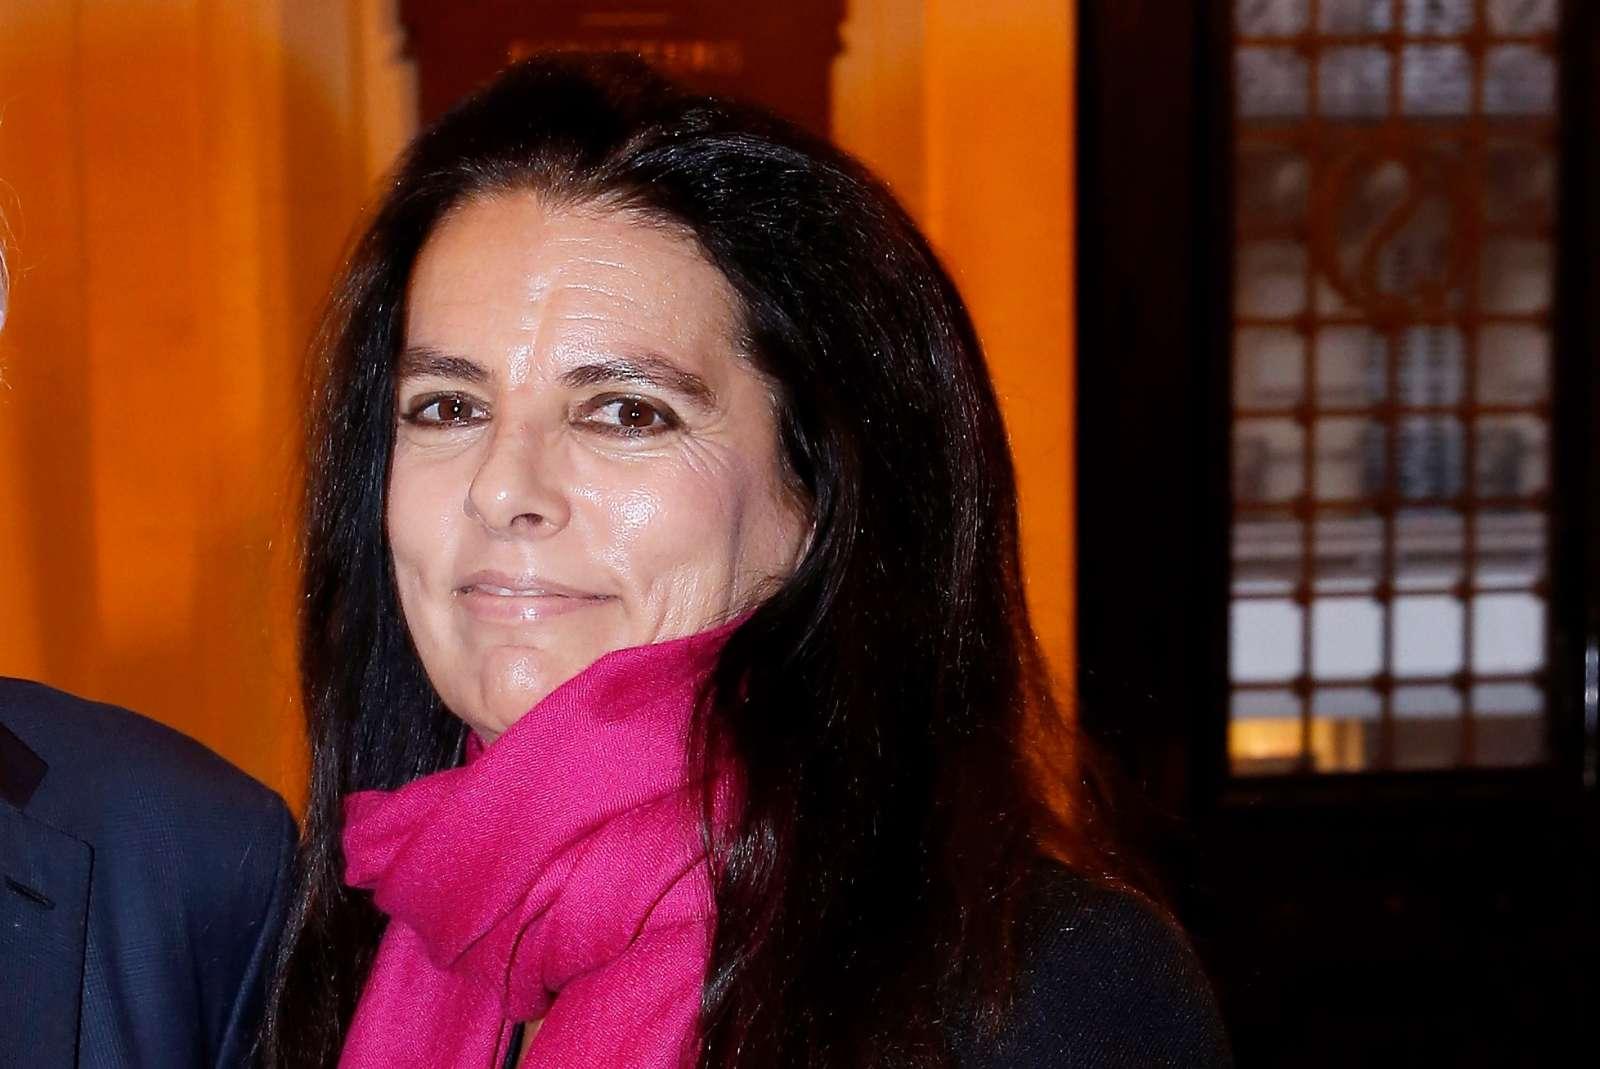 Francoise Bettencourt Meyers | World's Top 10 Richest Billionaires 2021